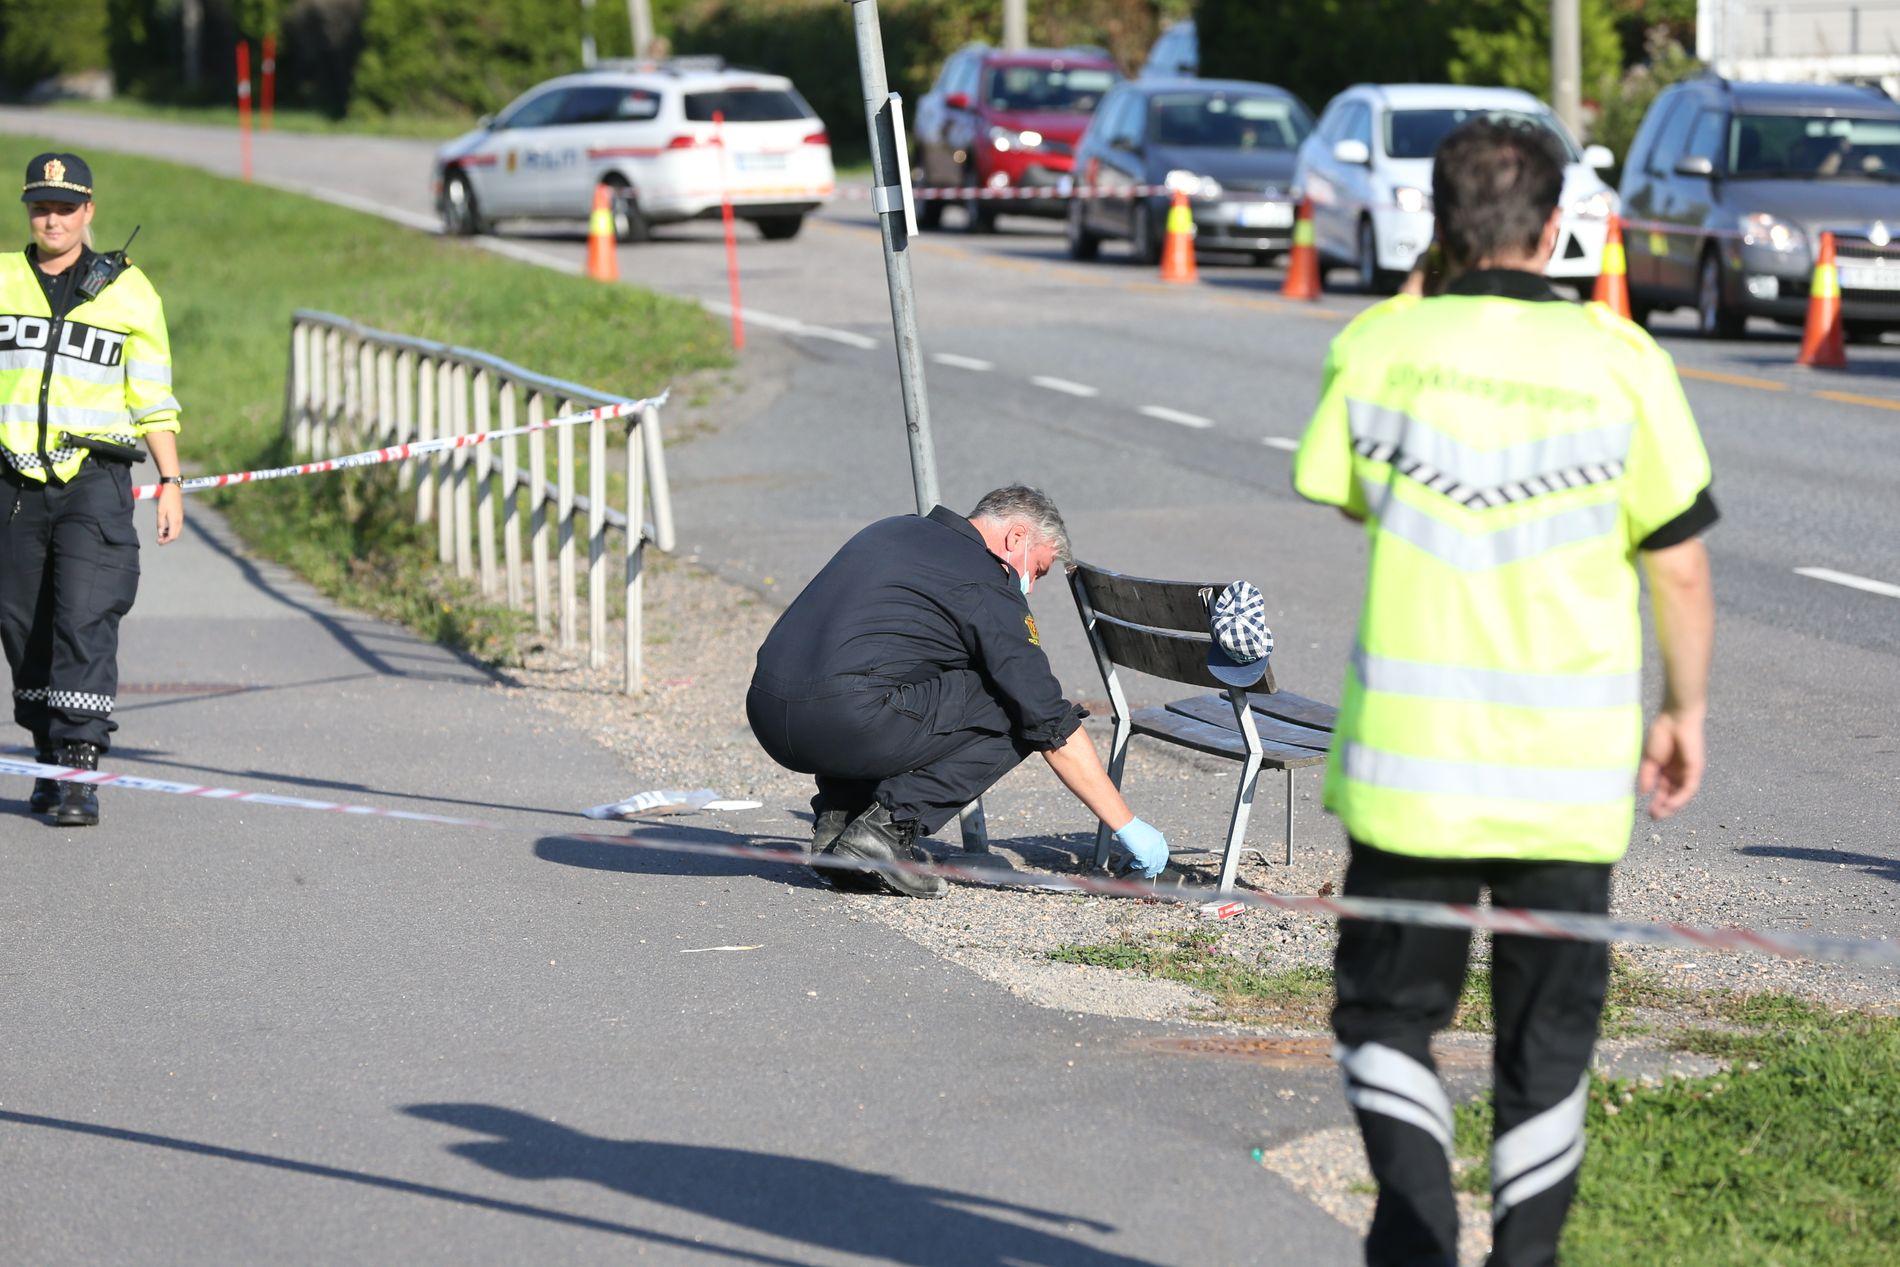 ULYKKE: Personen som kjørte bilen som traff seksåringen, forsvant fra ulykkesstedet mandag ettermiddag.